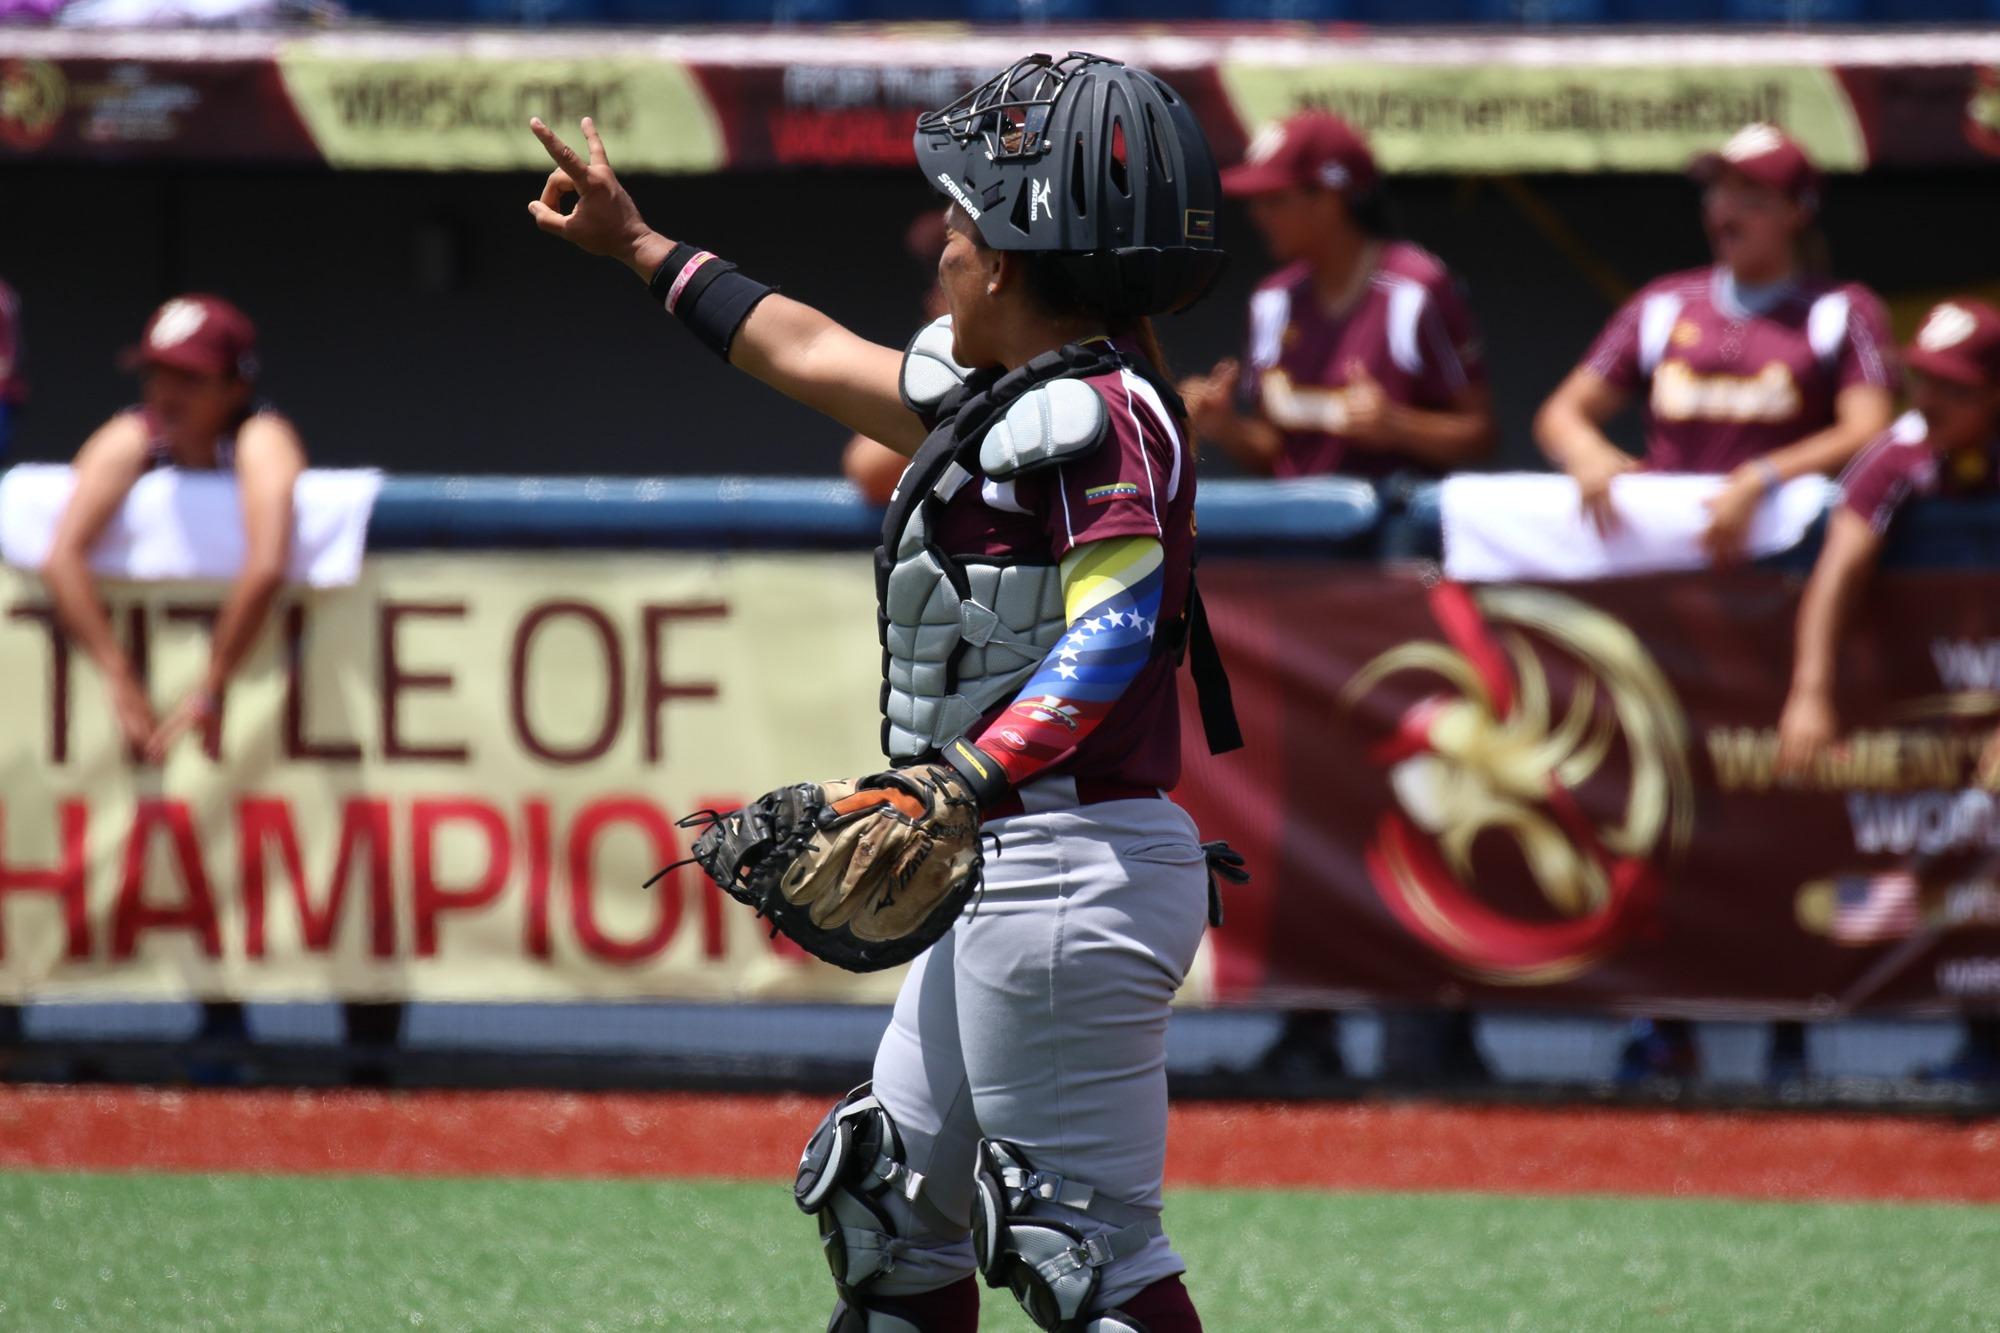 Venezuela's catcher Osmari Garcia